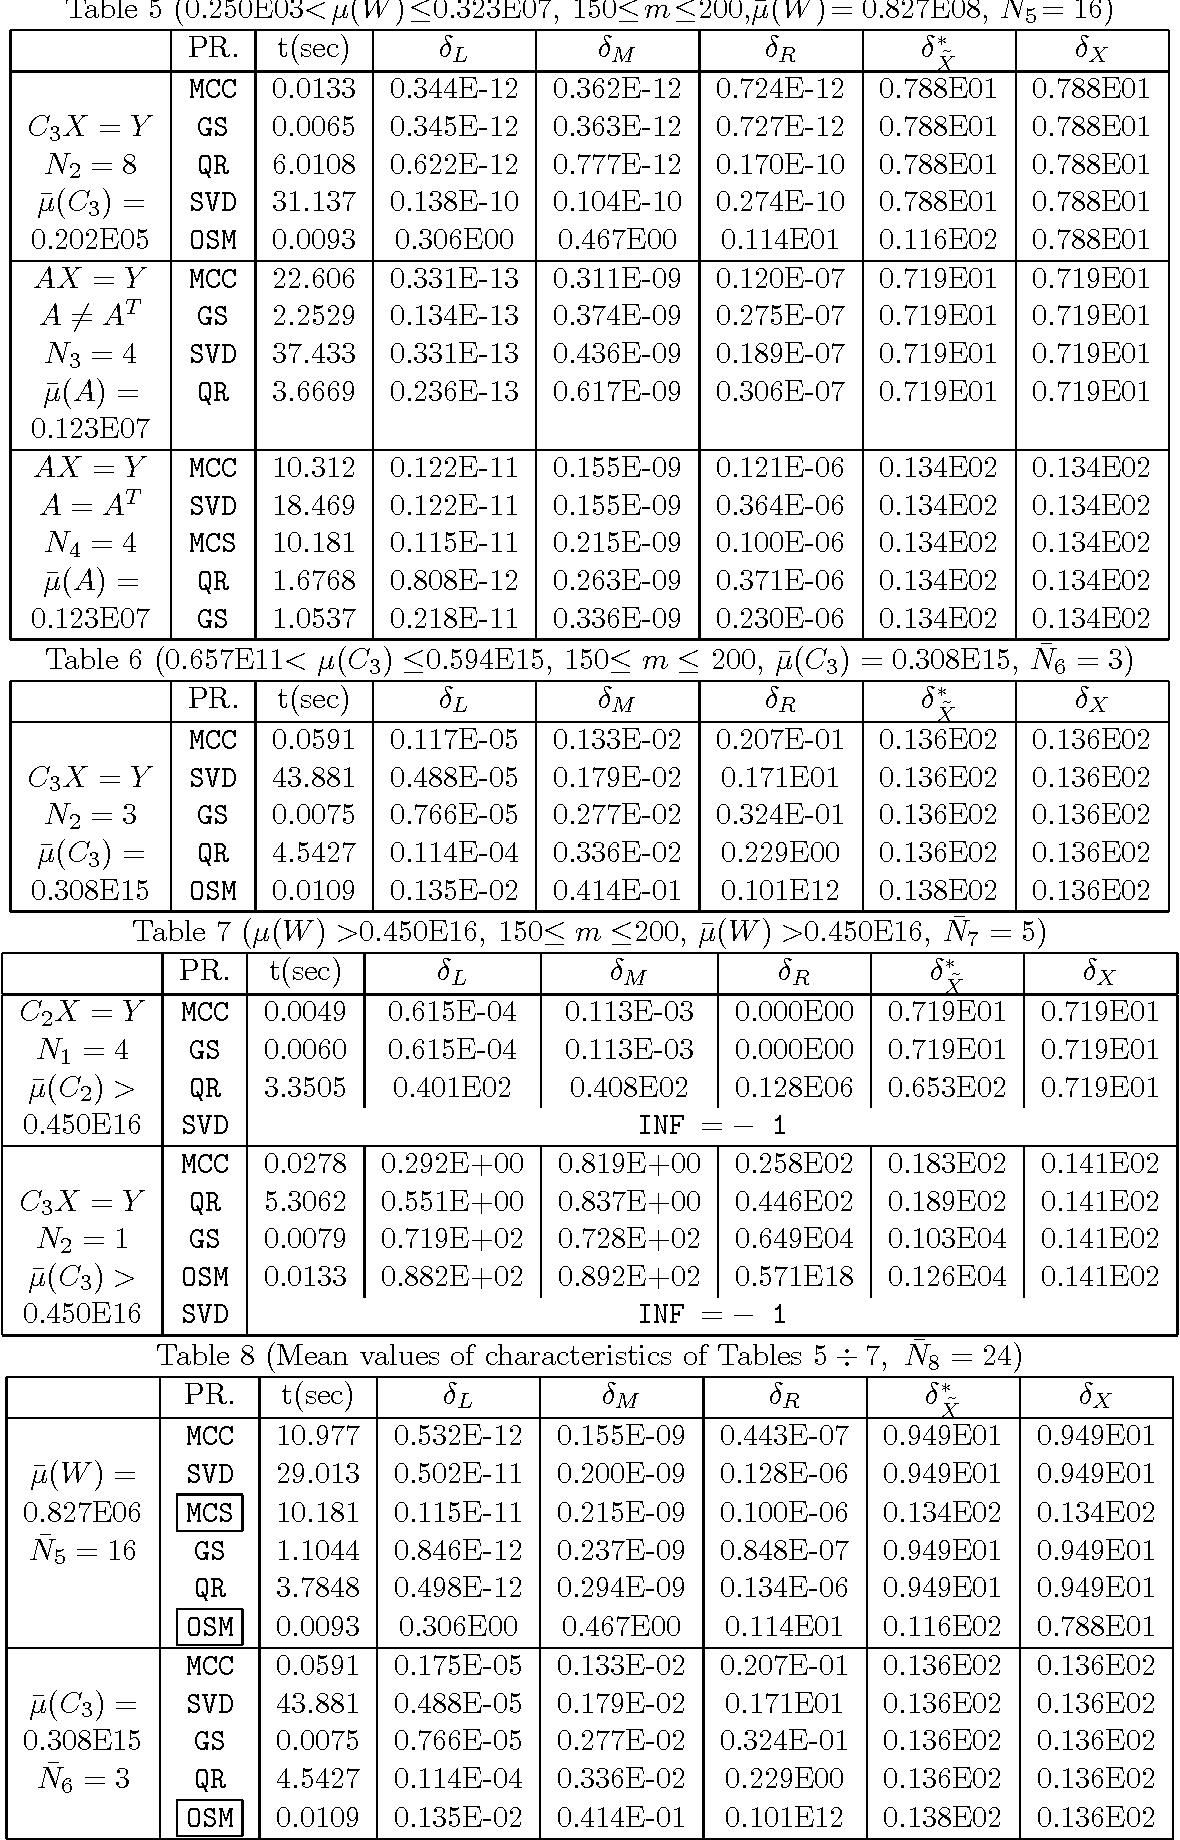 Table 6 (0.657E11< µ(C3) ≤0.594E15, 150≤ m ≤ 200, µ̄(C3) = 0.308E15, N̄6 = 3)